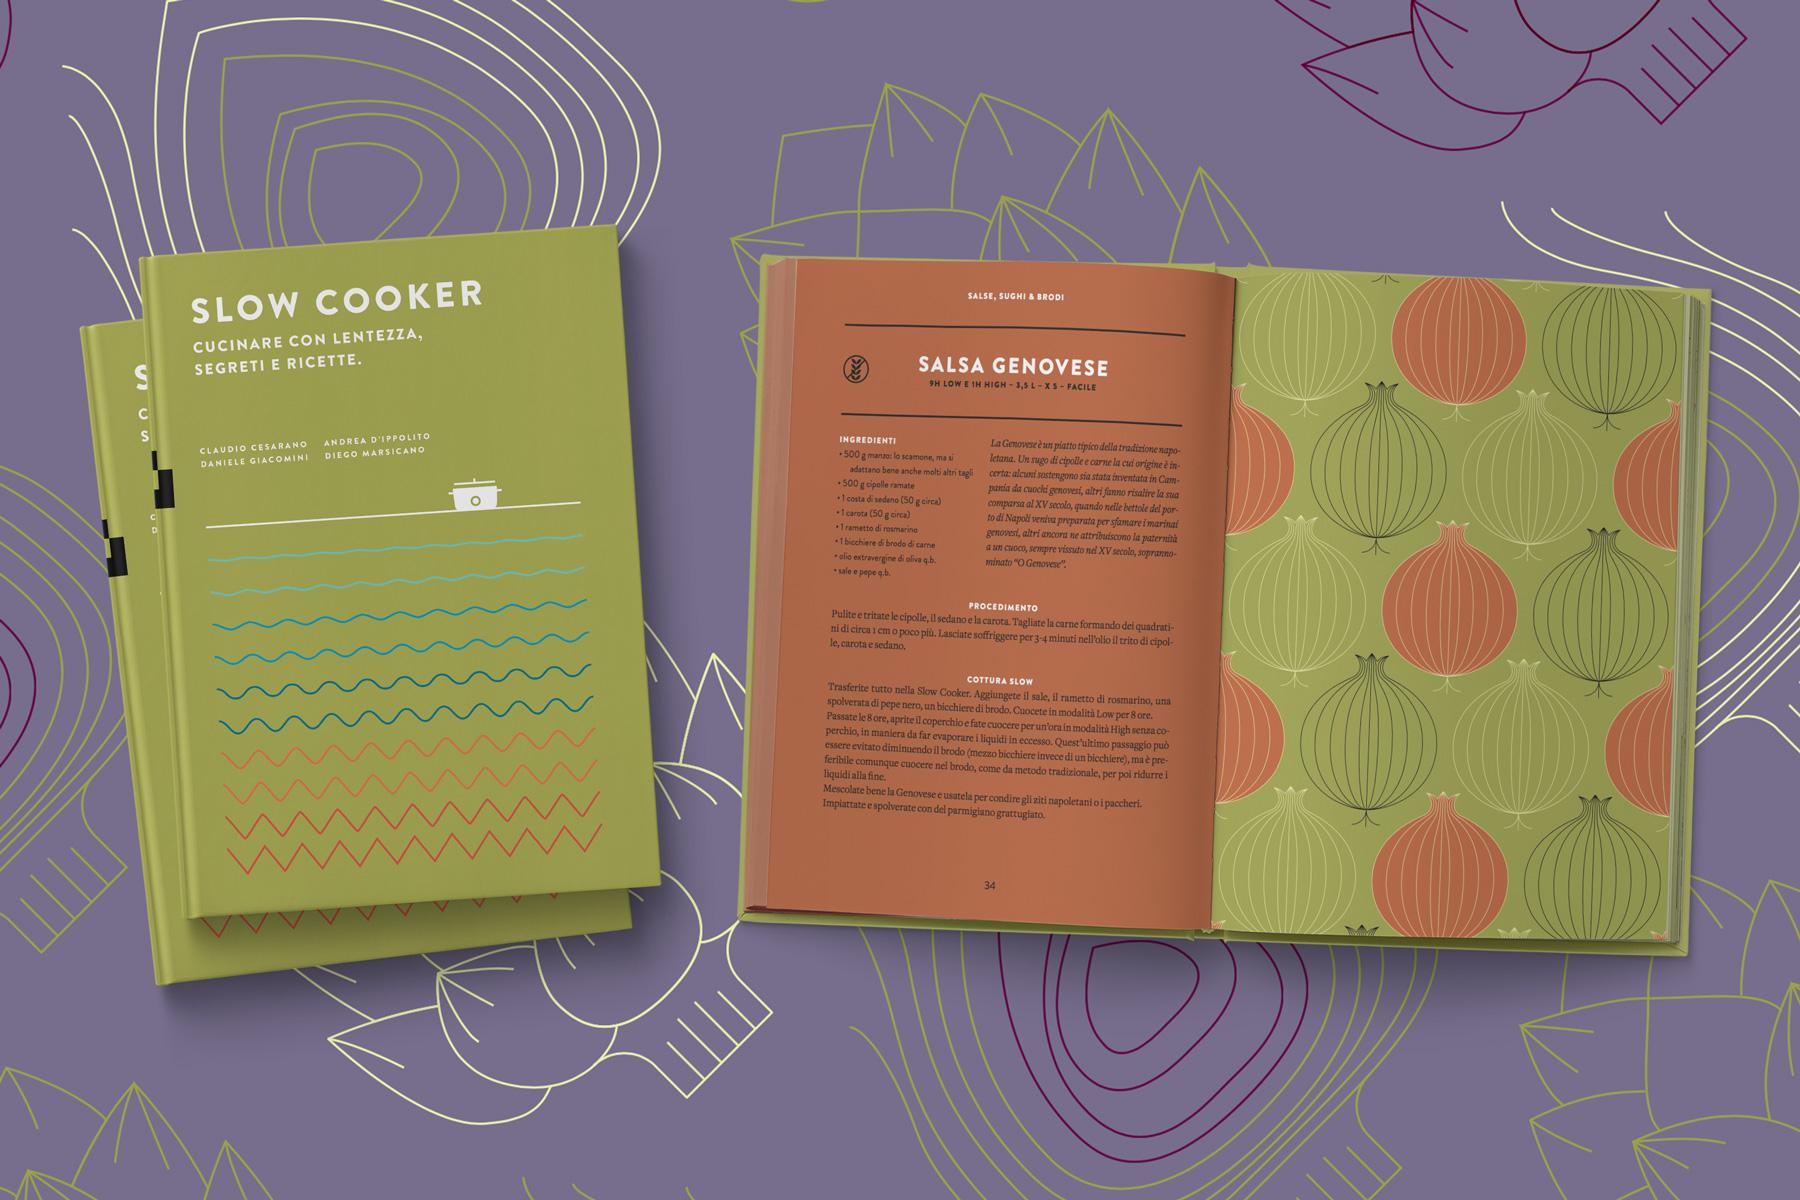 Slow Cooker. Cucinare con lentezza, segreti e ricette